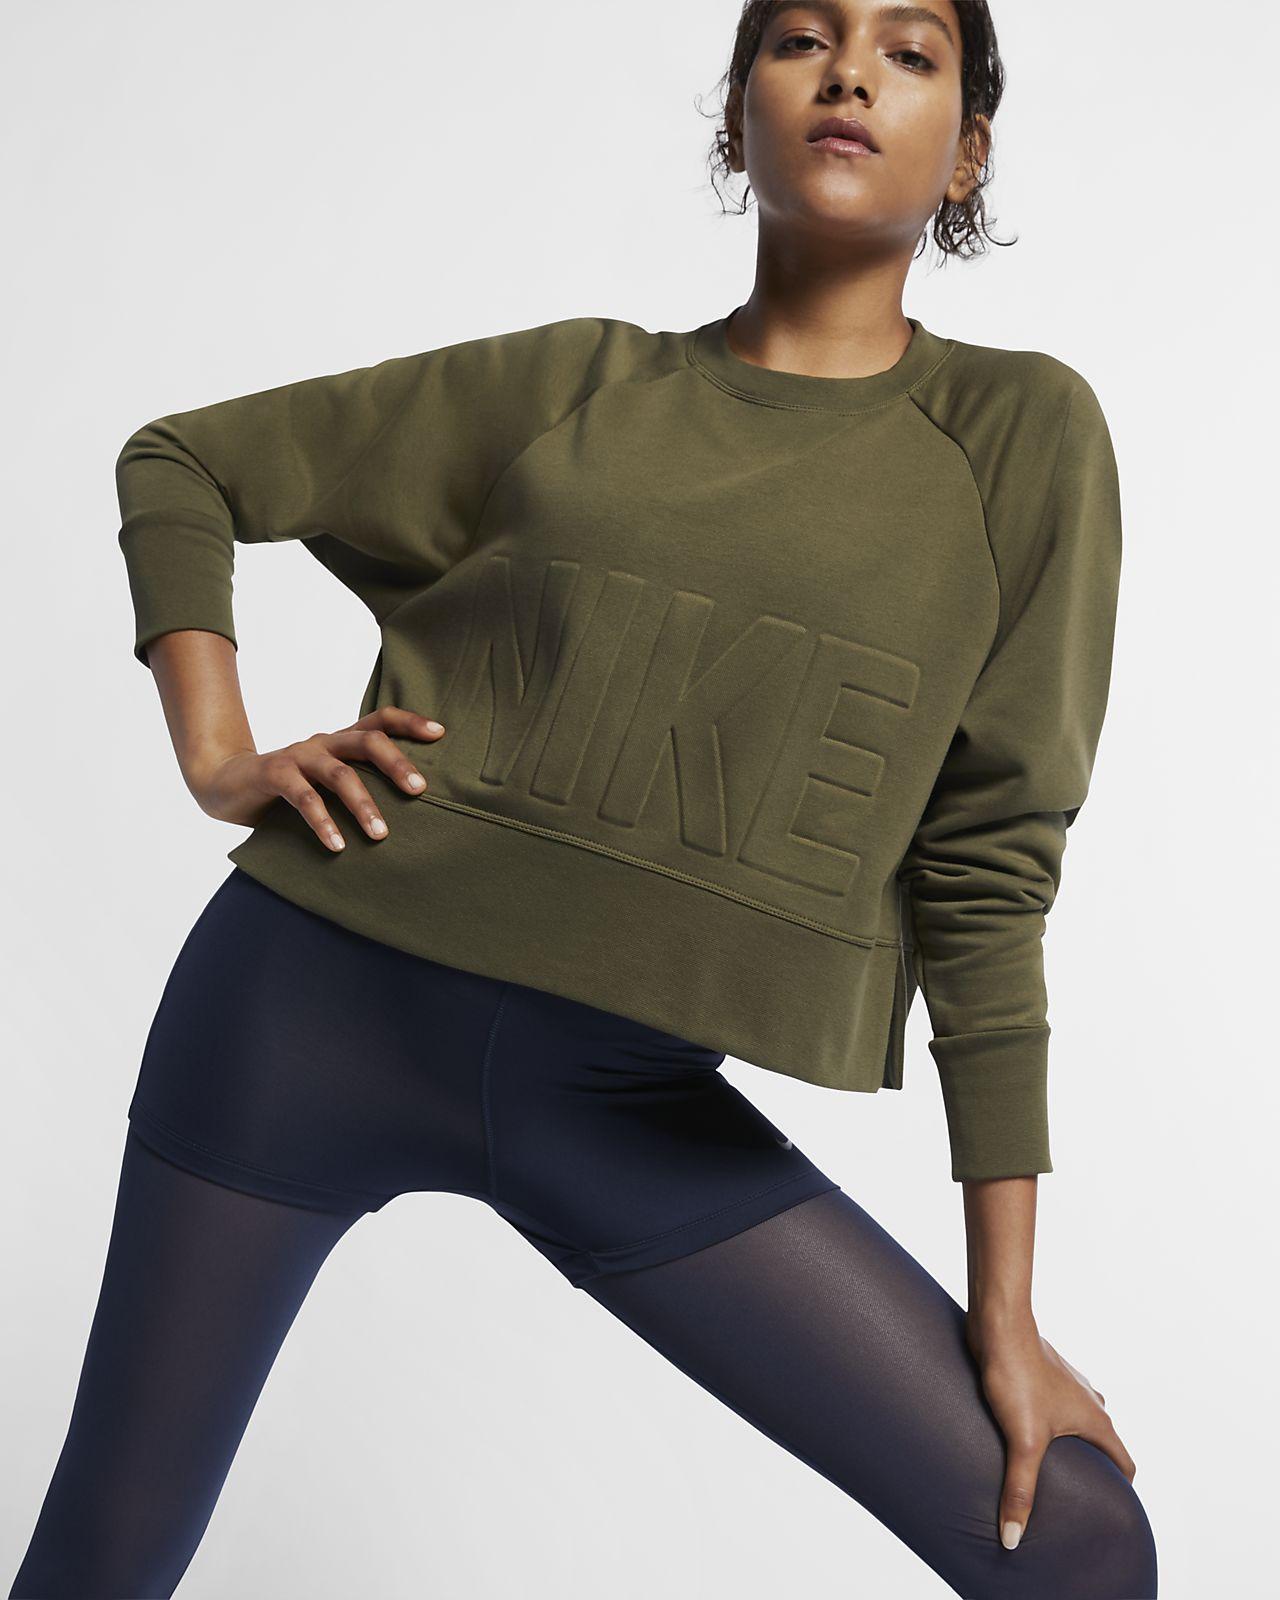 Nike Versa Women's Long Sleeve Training Top